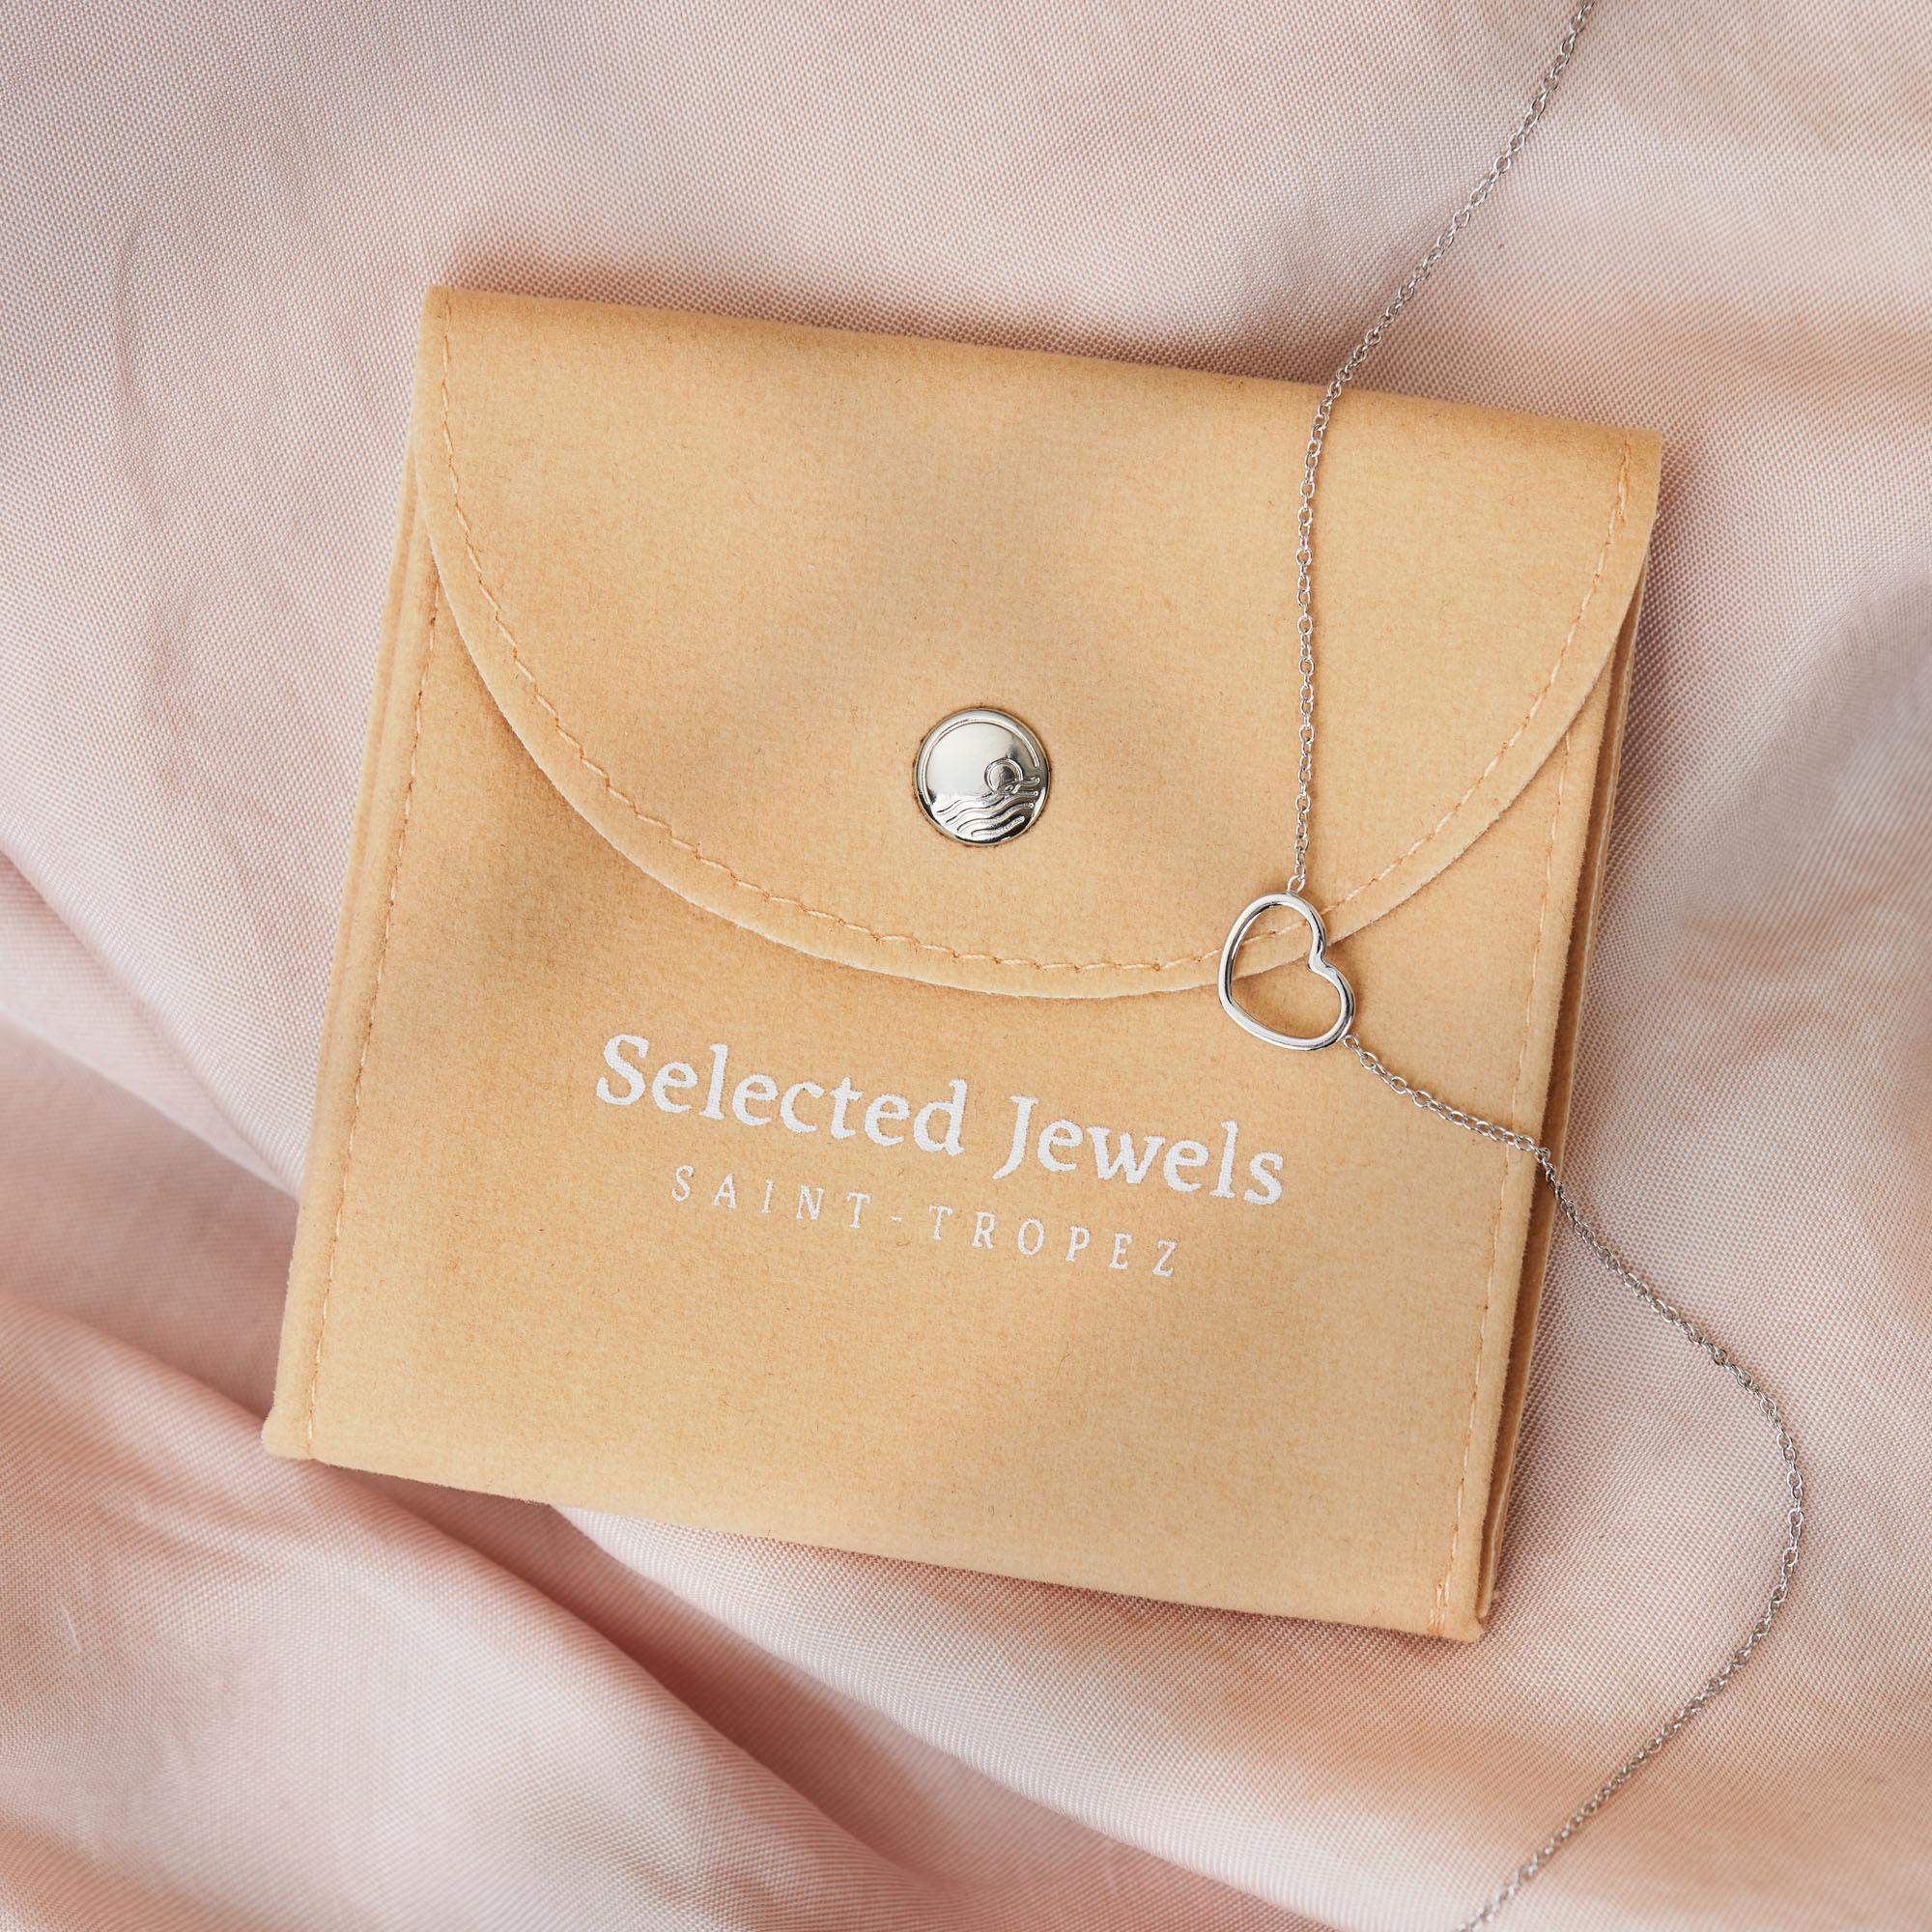 Selected Jewels Emma Jolie 925 sterling silver bracelet